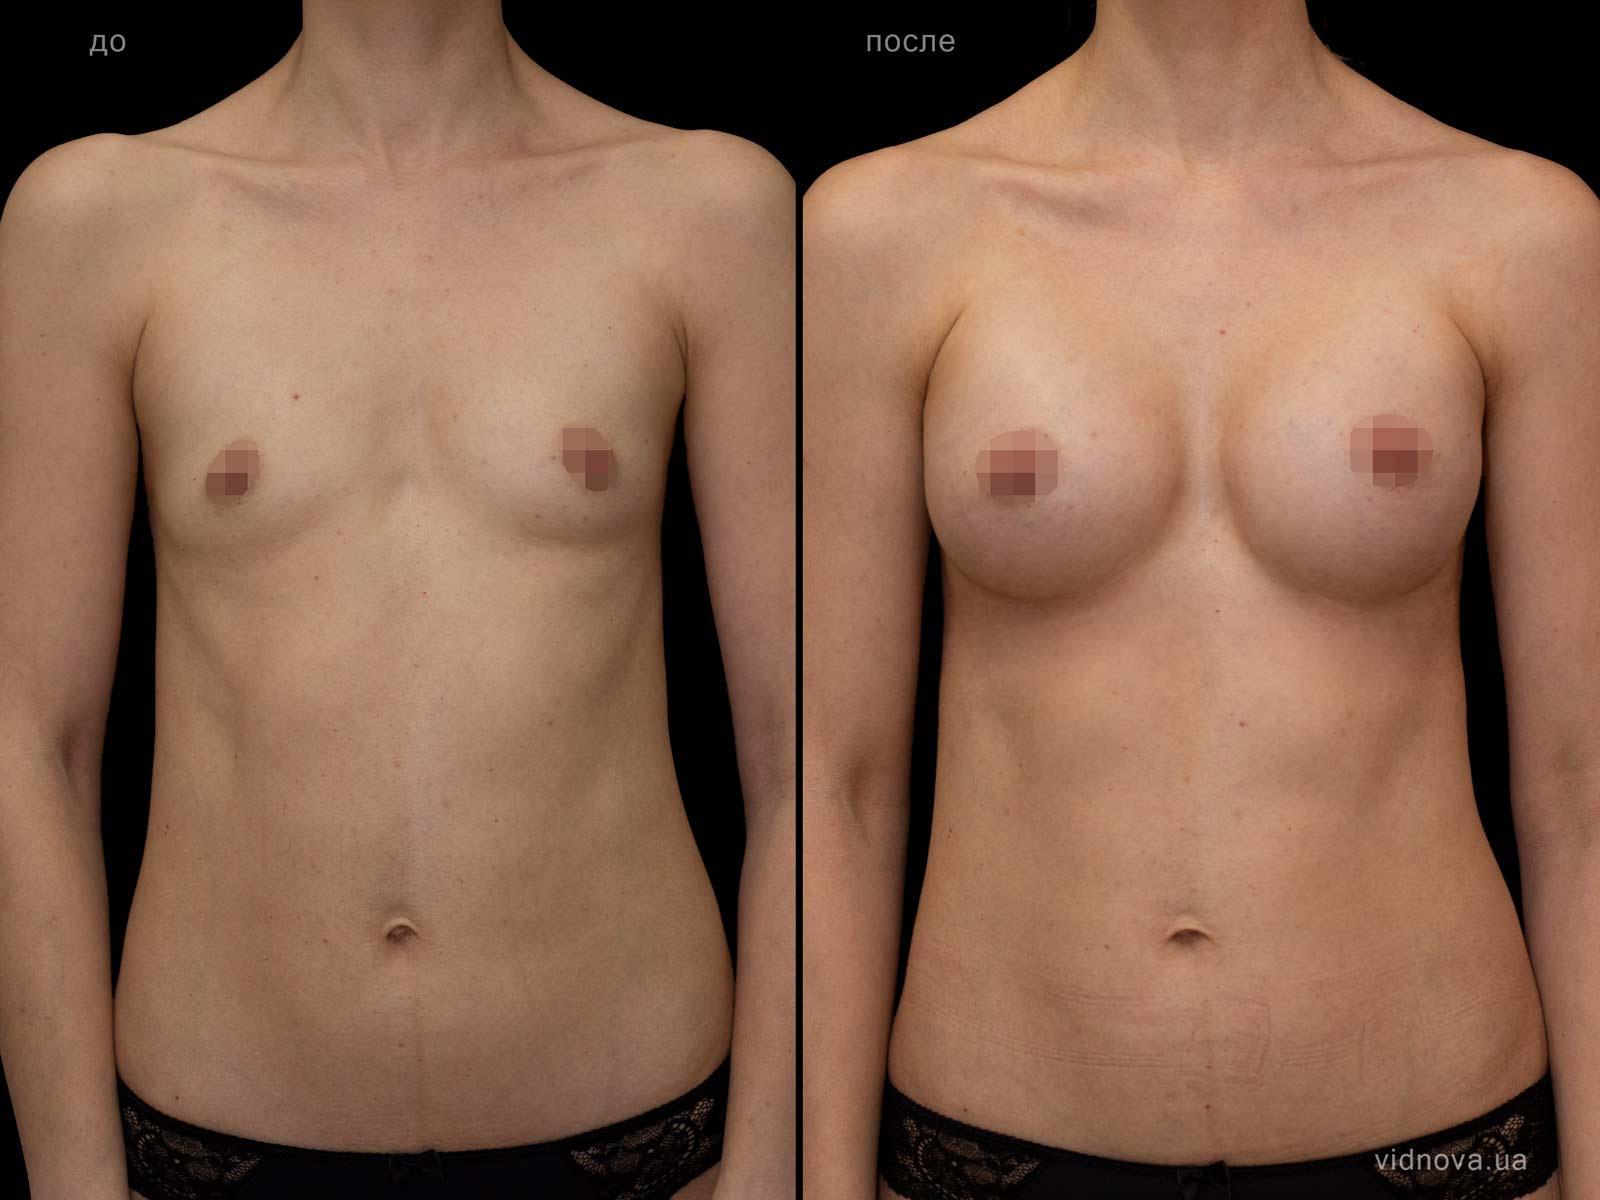 Пластика груди: результаты до и после - Пример №106-0 - Светлана Работенко